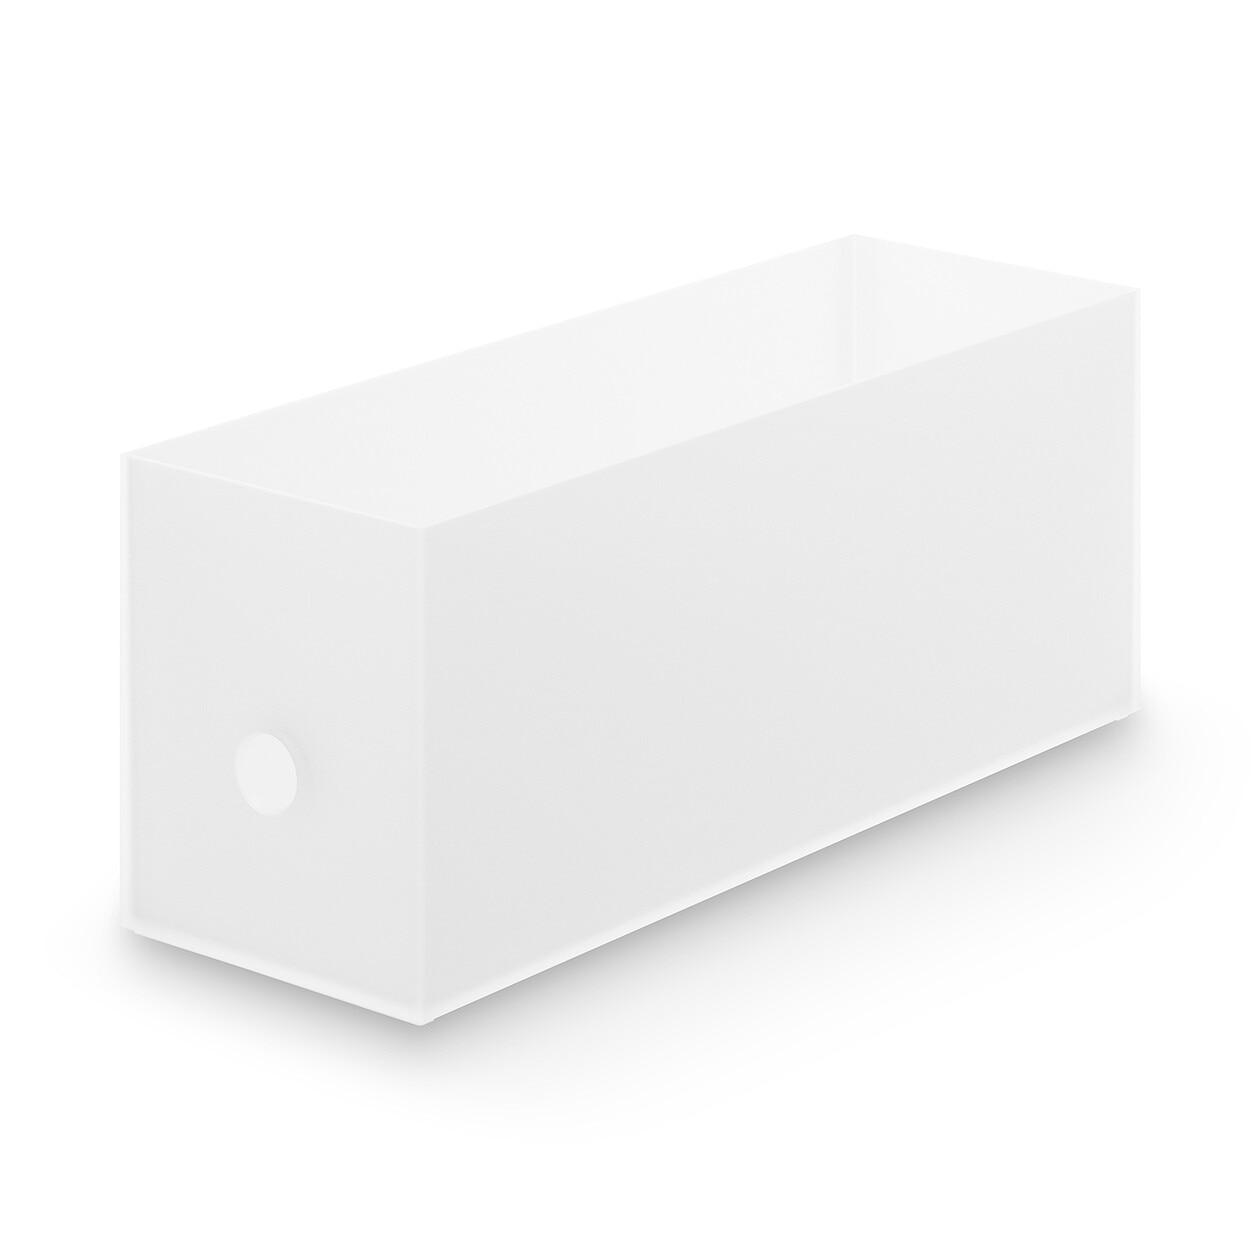 ポリプロピレンファイルボックス・スタンダードタイプ・1/2の写真